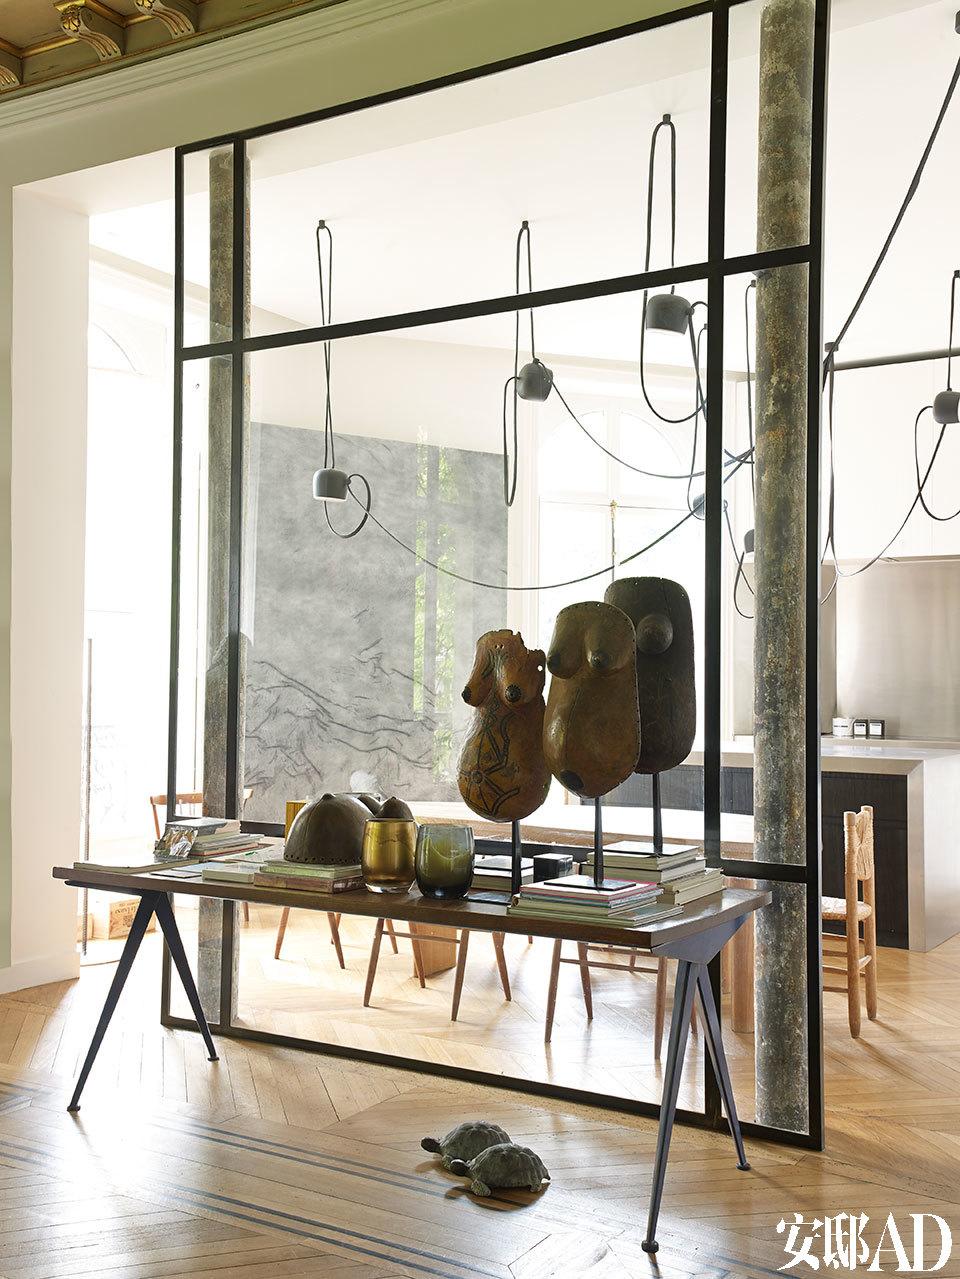 厨房和生活区的打通为家中带来更充沛的光线,也给这栋奥斯曼风格的老公寓融入一种当代loft氛围。一张由JeanProuvé设计的桌子Compas上,摆放着一些来自Zaire的部落艺术品。背景中,厨房墙面上的油画颜料、瓷漆画作由Rudolph Stingel创作于2010年。